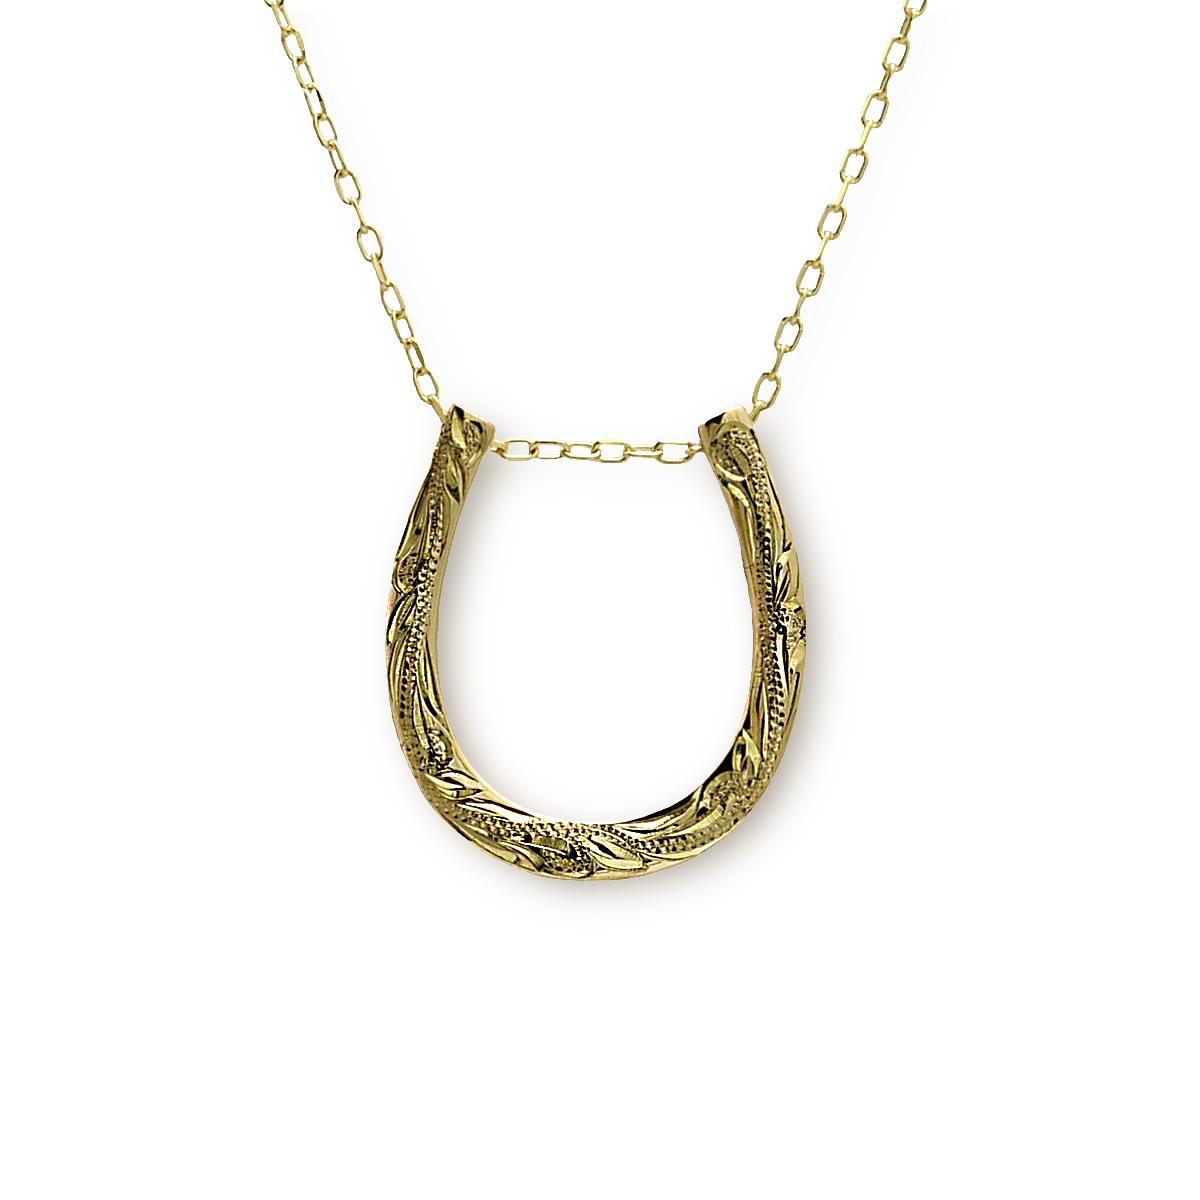 ハワイアンジュエリー ネックレス レディース メンズ K10 ゴールド 10K 金10 馬蹄 ハピネスホースシュー ペンダント ペンダント チェーン付き 新作